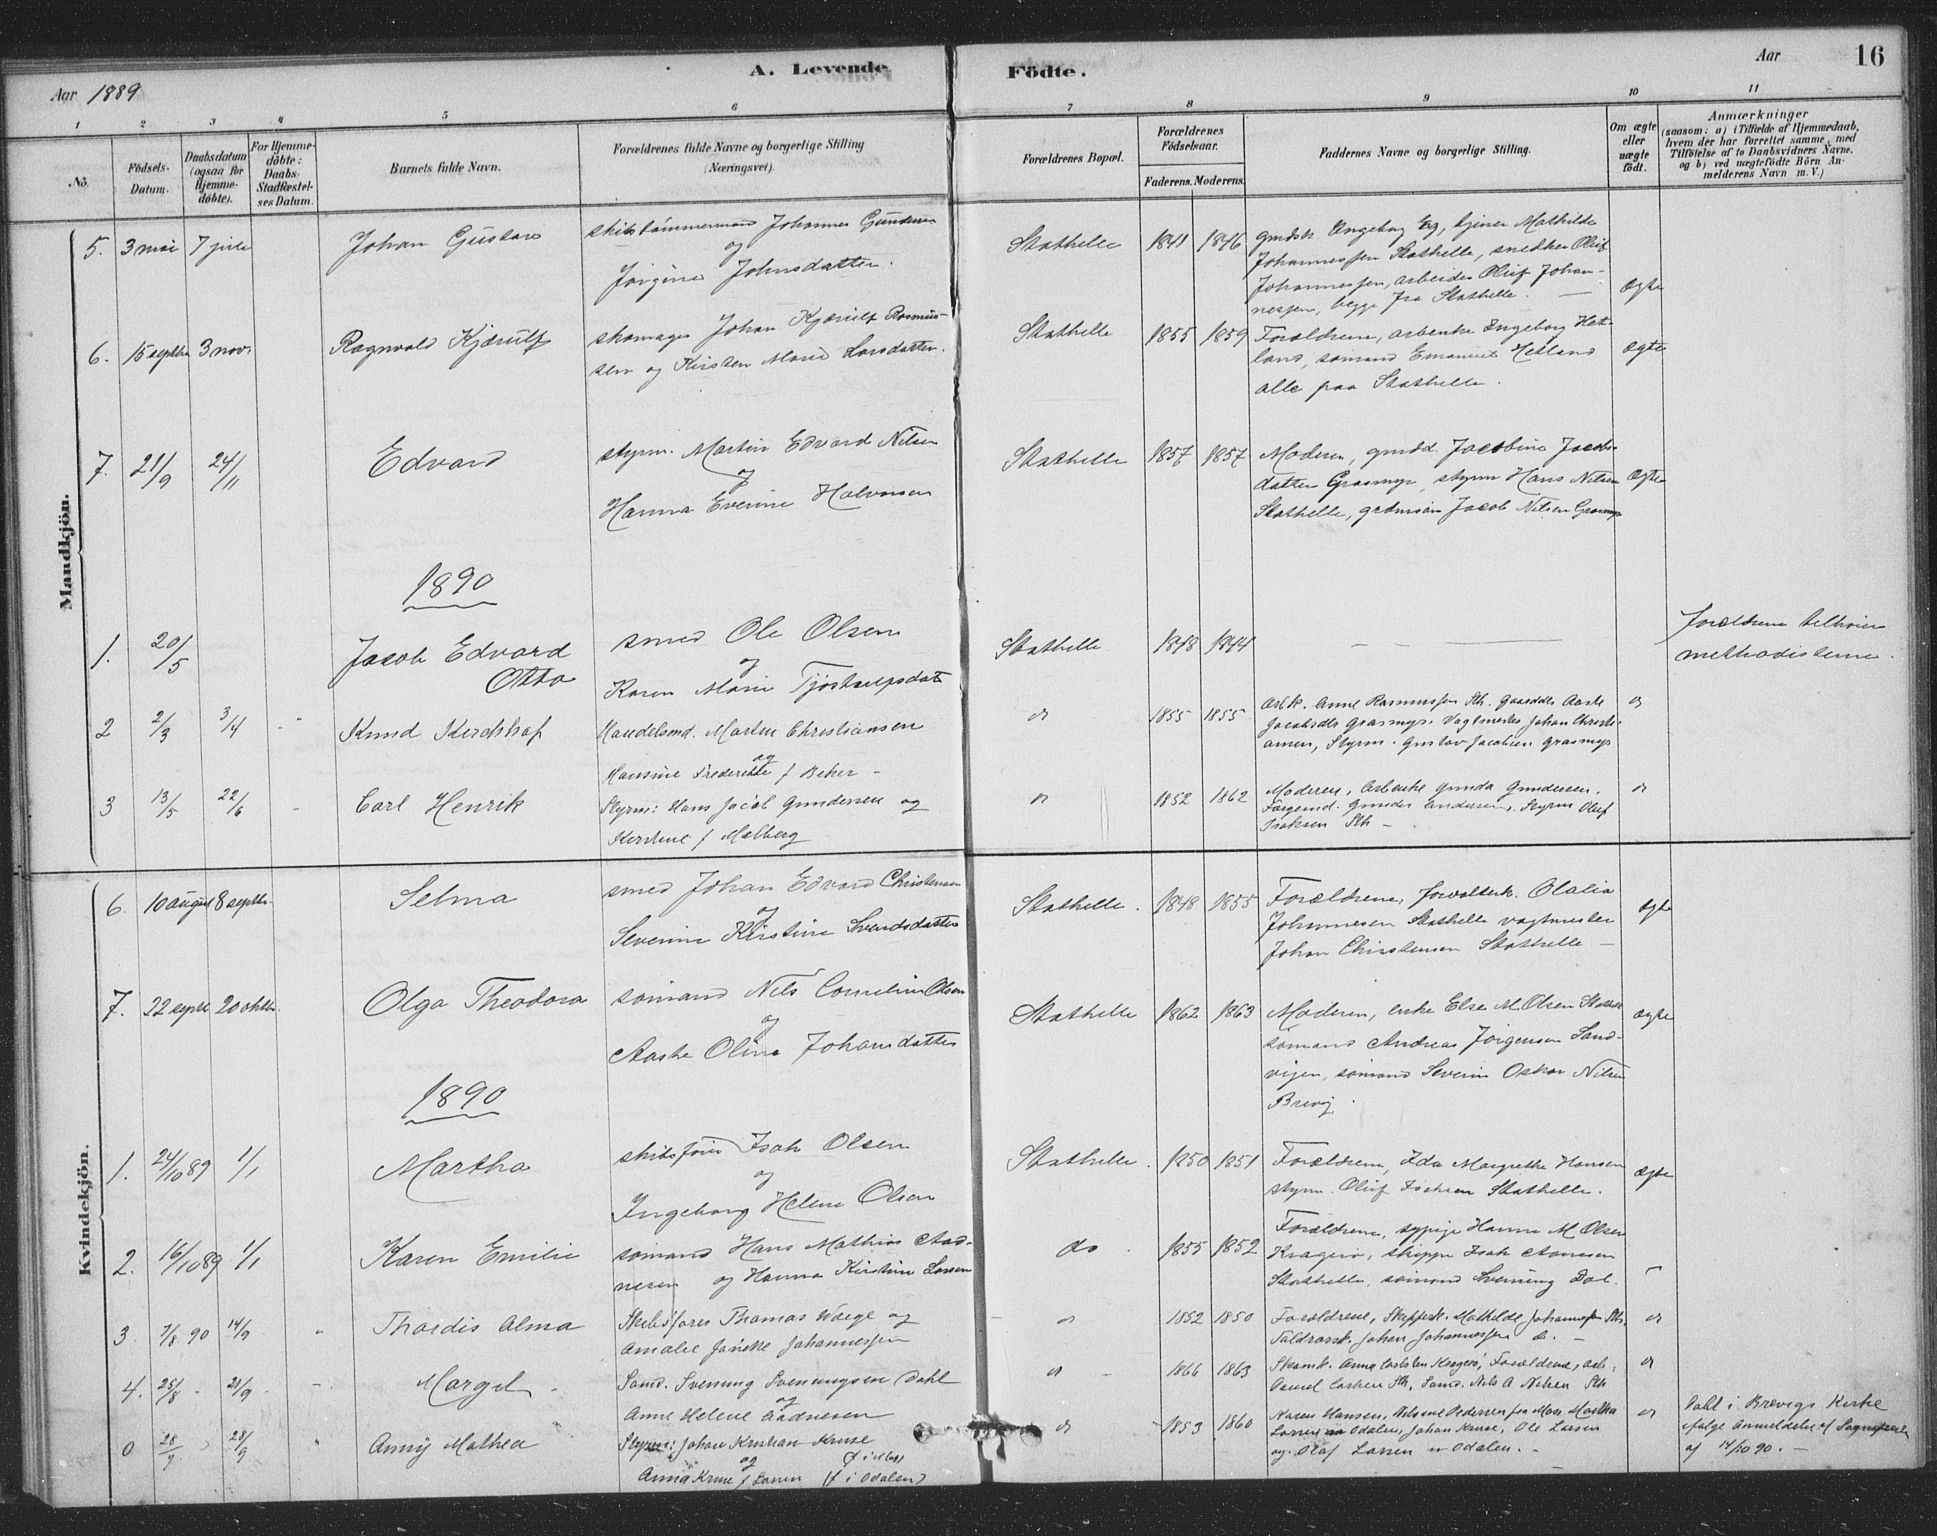 SAKO, Bamble kirkebøker, F/Fb/L0001: Ministerialbok nr. II 1, 1878-1899, s. 16